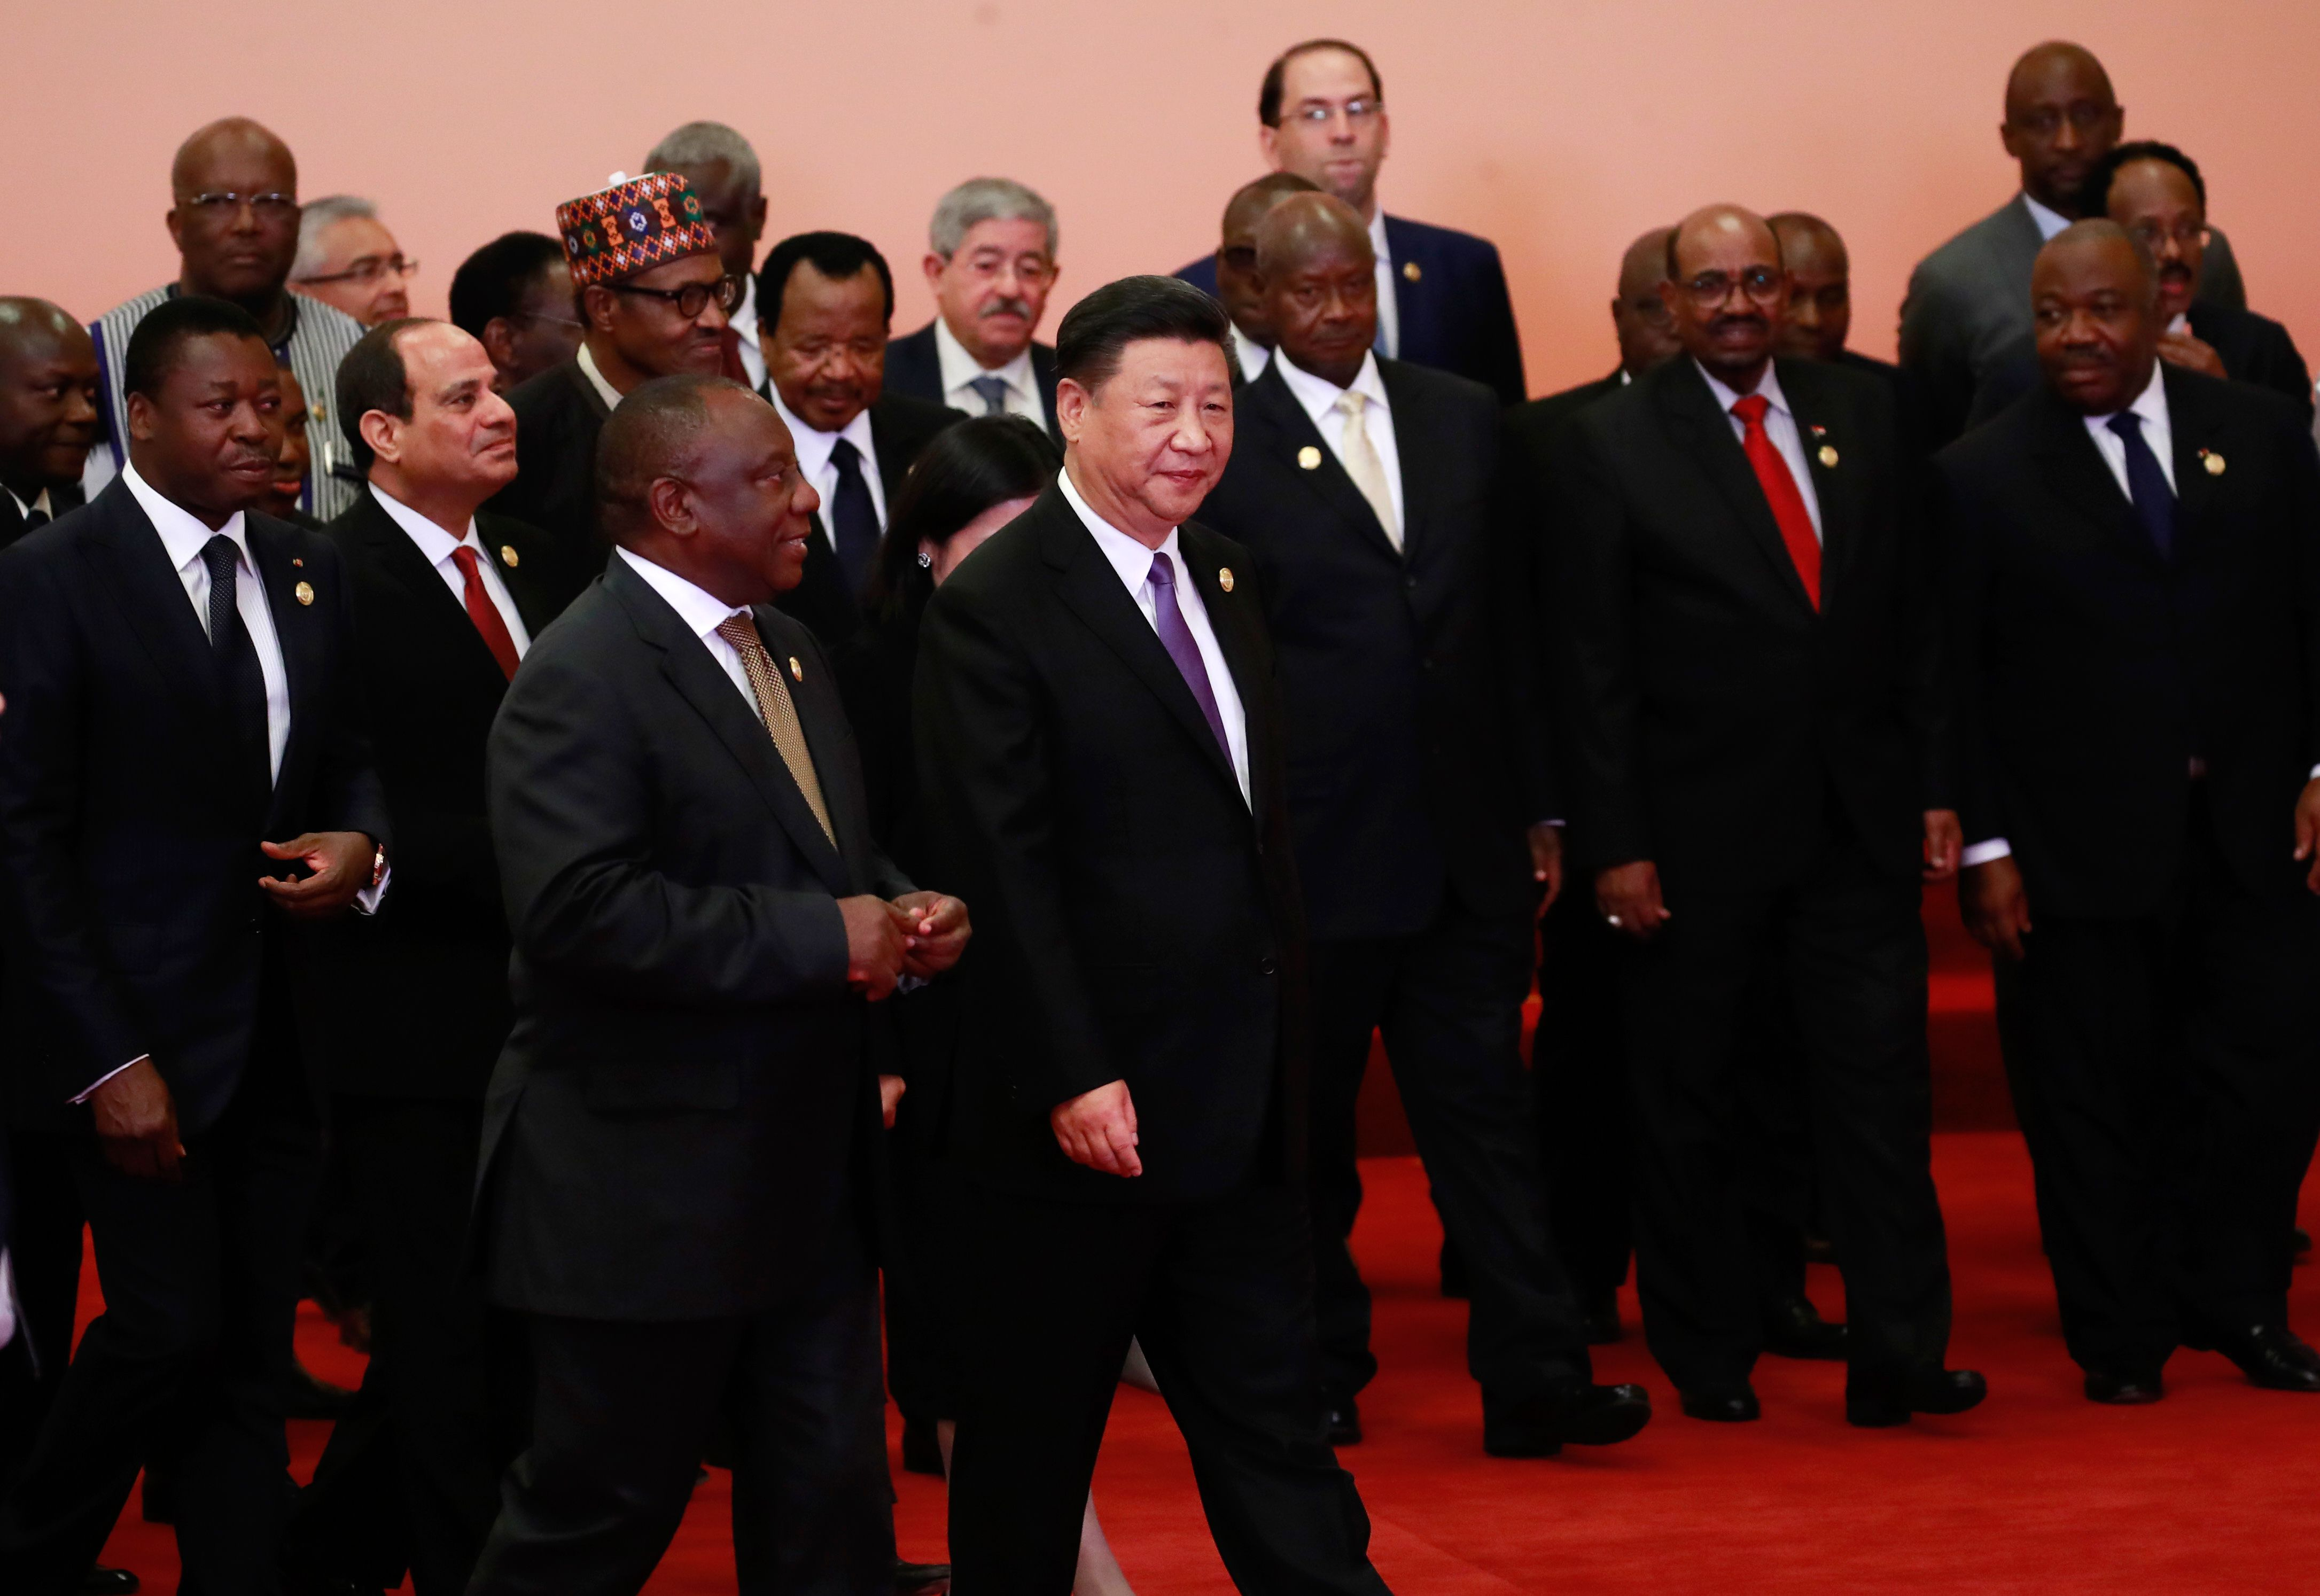 زعماء قمة الصين أفريقيا فى بكين